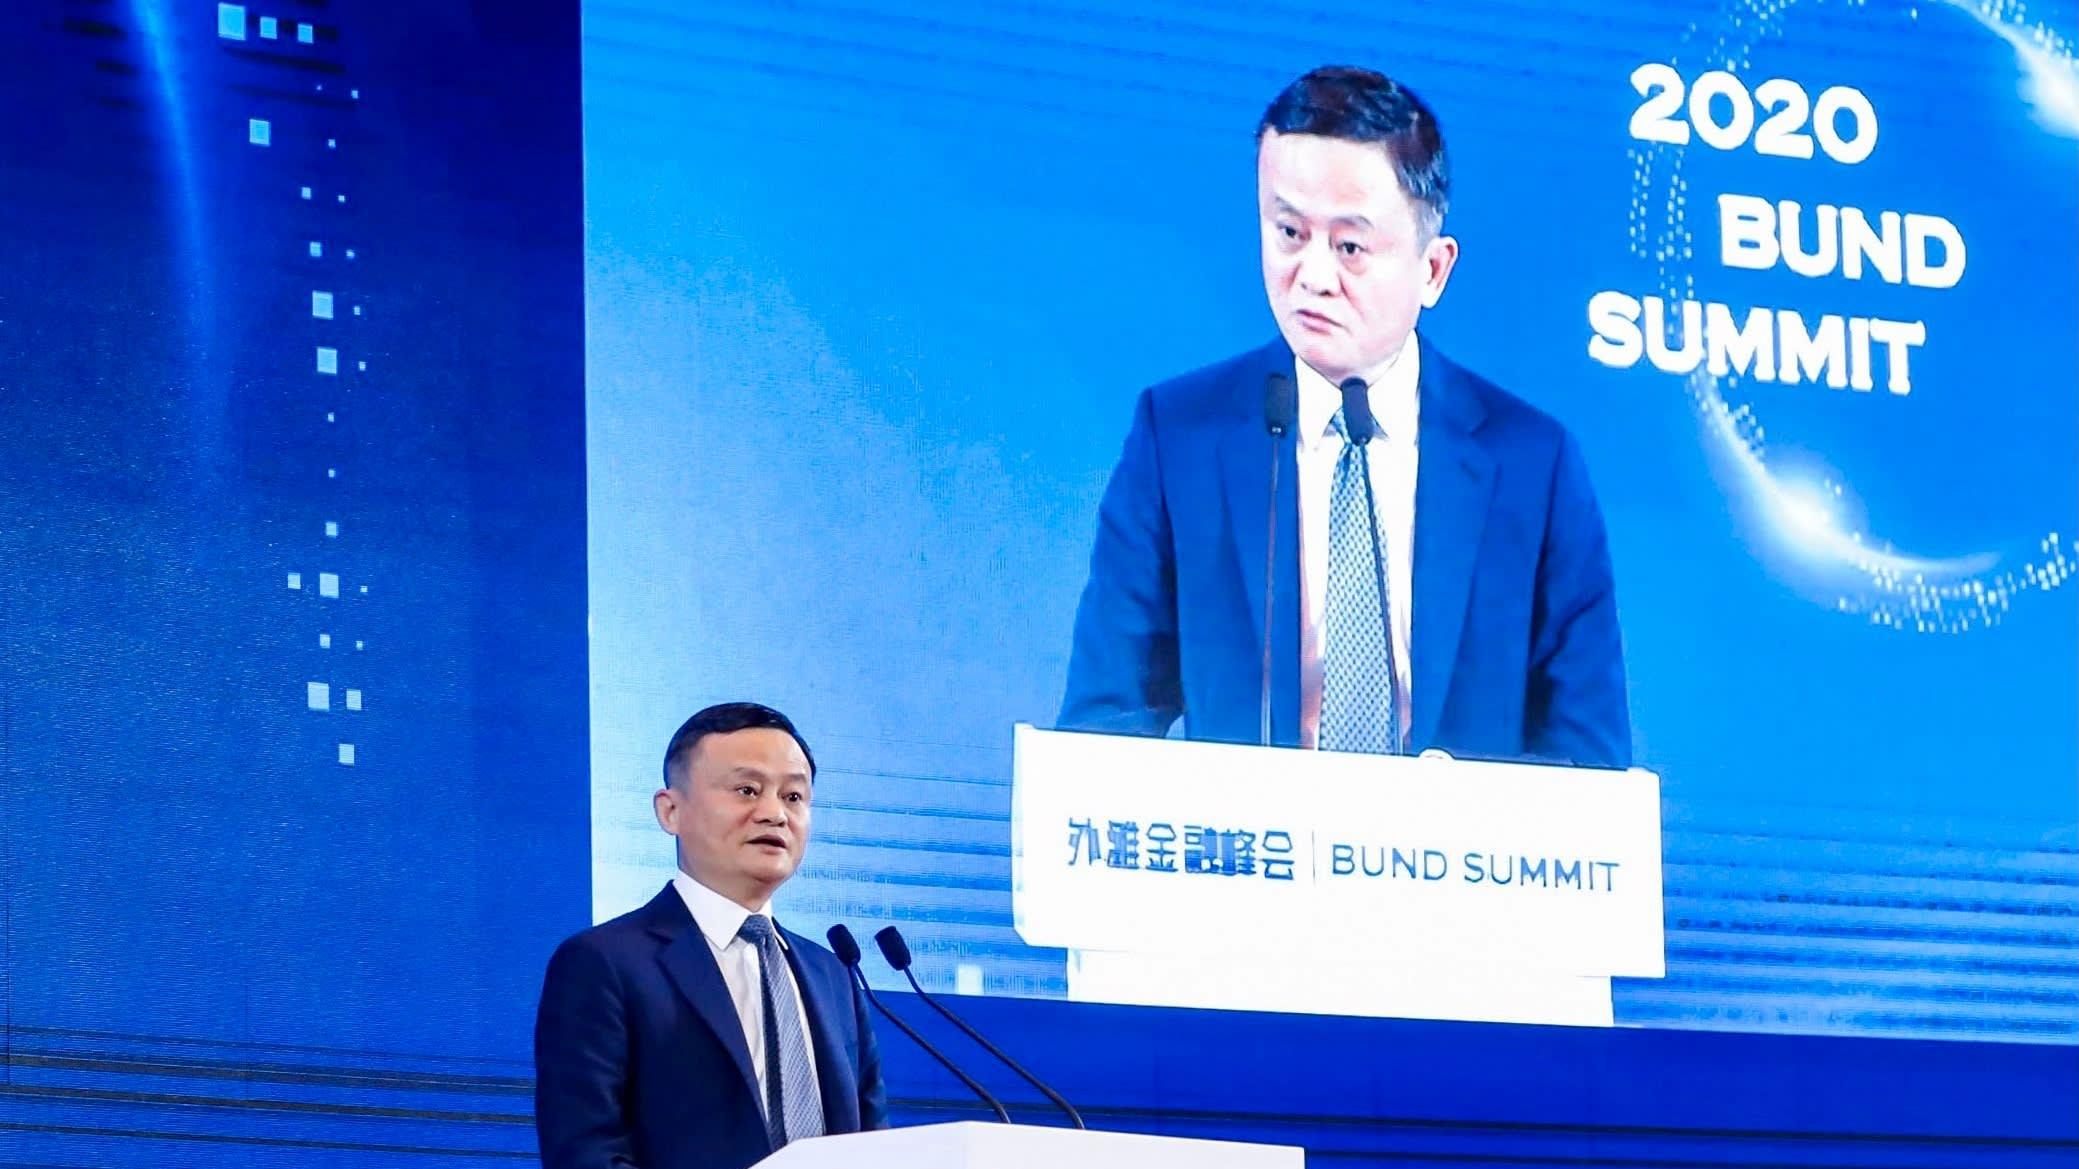 Wall Street Journal: Ông Tập Cận Bình không hài lòng với phát ngôn của tỷ phú Jack Ma - Ảnh 3